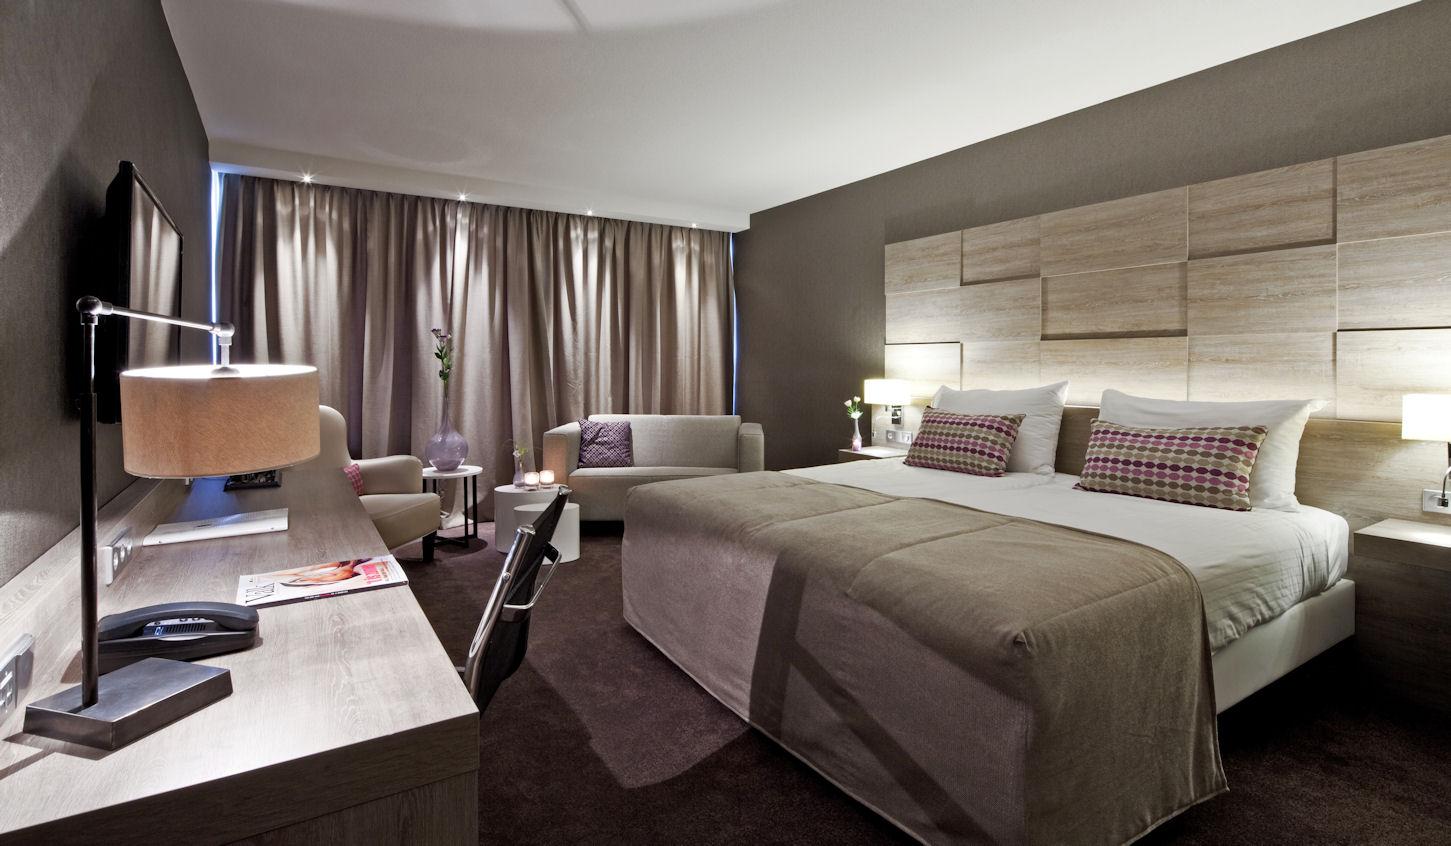 Renovatie architectenbureau van den hoeven - Interieur hotel de luxe ...